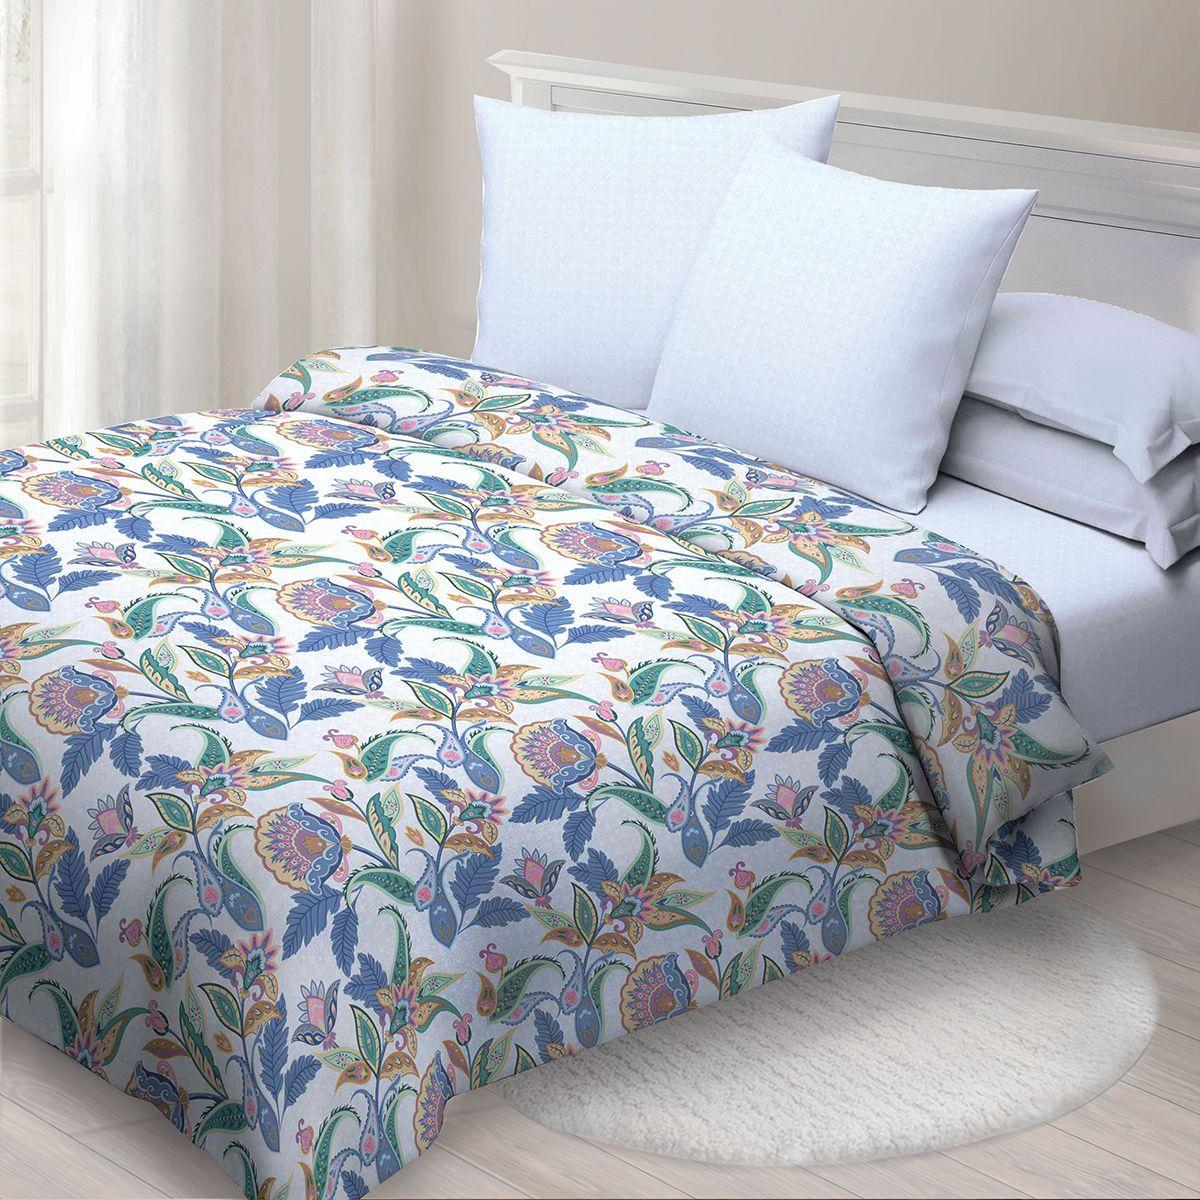 Комплект белья Спал Спалыч Индира, 2-х спальное, наволочки 70x70, цвет: синий. 4091-185083